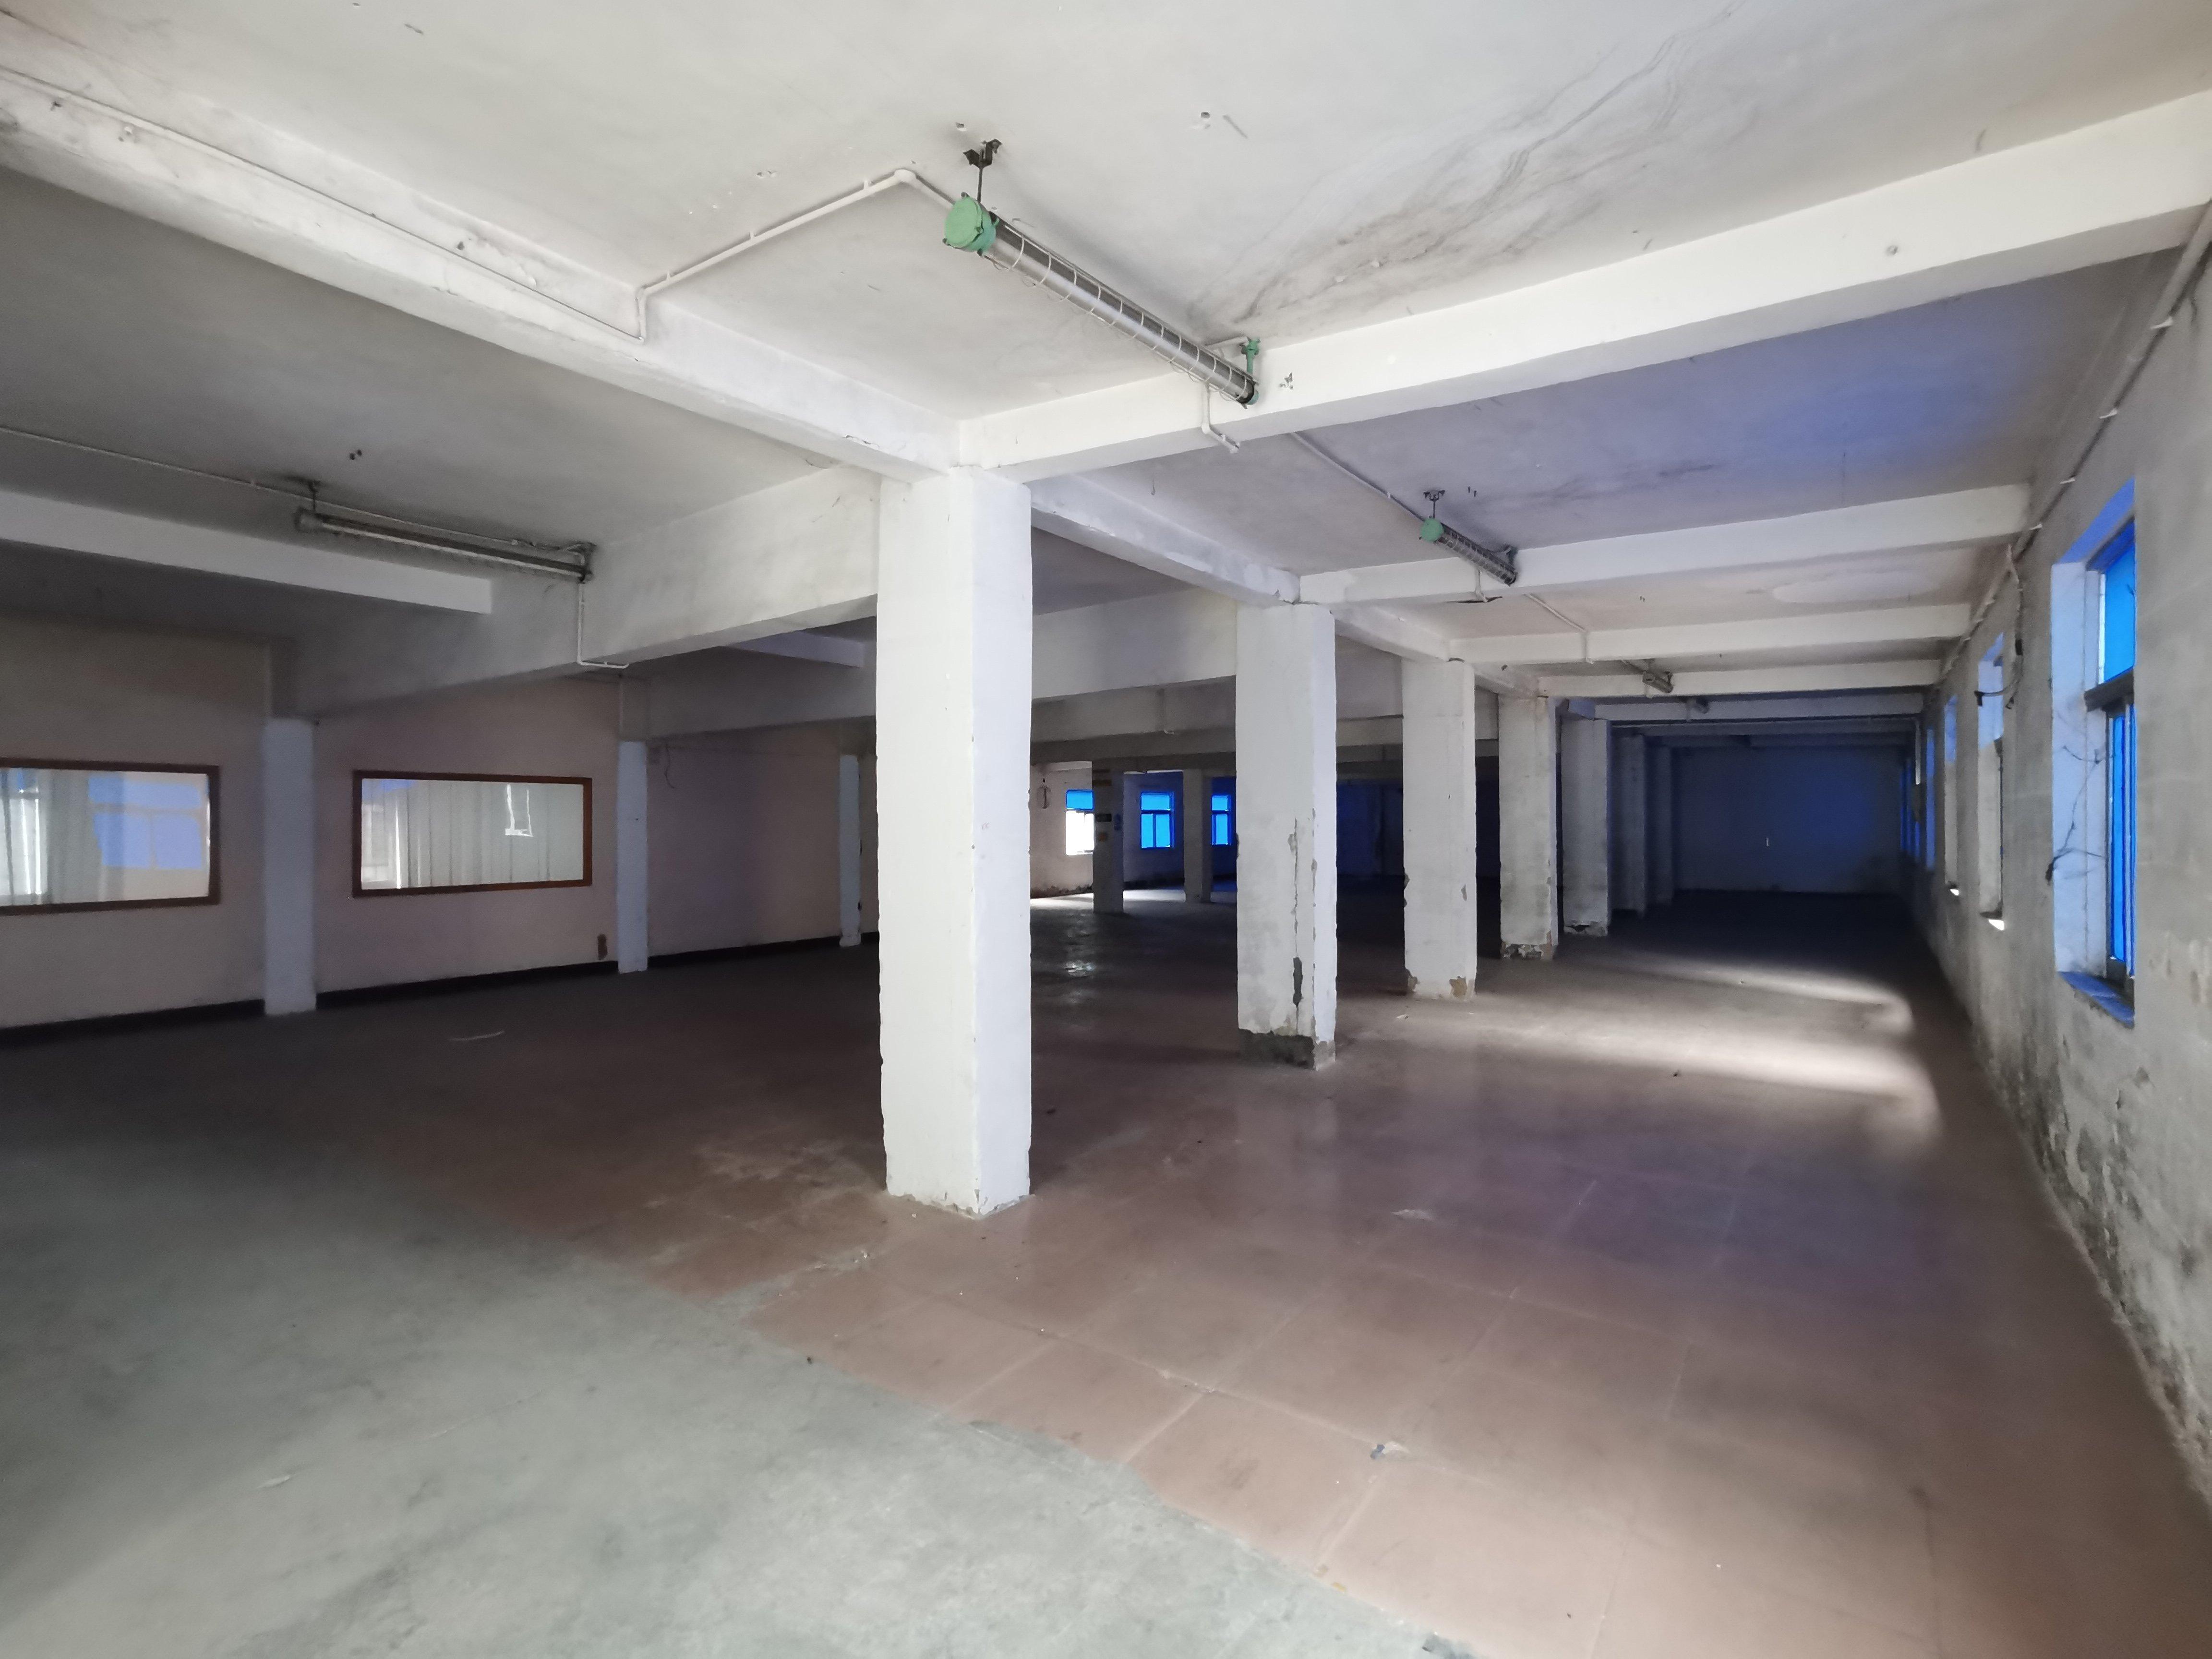 布吉南湾街道丹竹头一楼530平厂房仓库出租